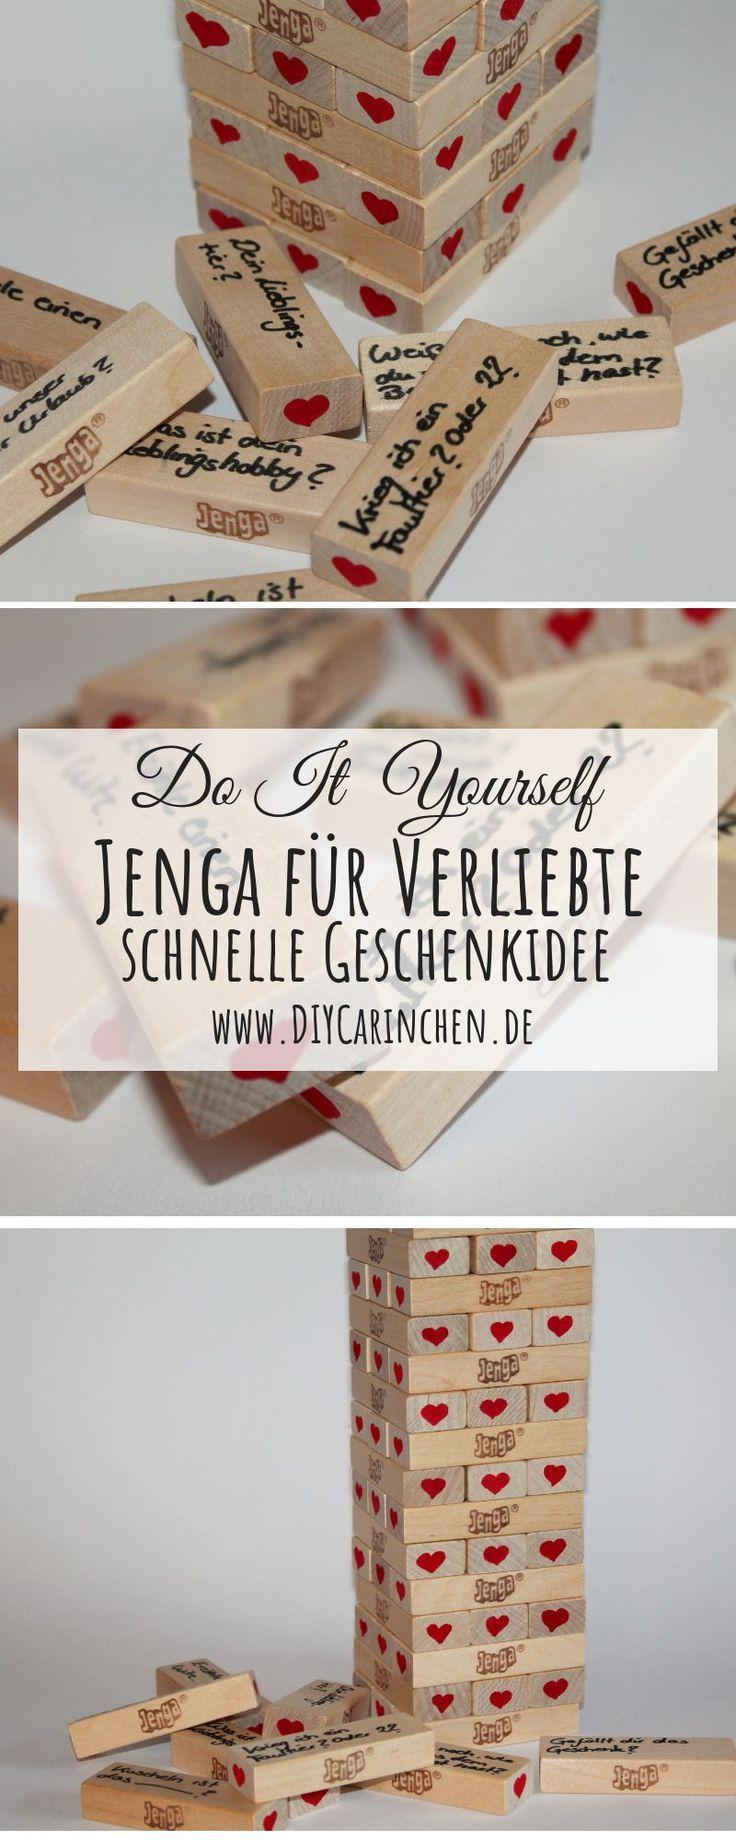 DIY Jenga-Spiel für Verliebte einfach selber machen – perfekte Geschenkidee …   – DIYCarinchen Geschenke / Geschenkideen